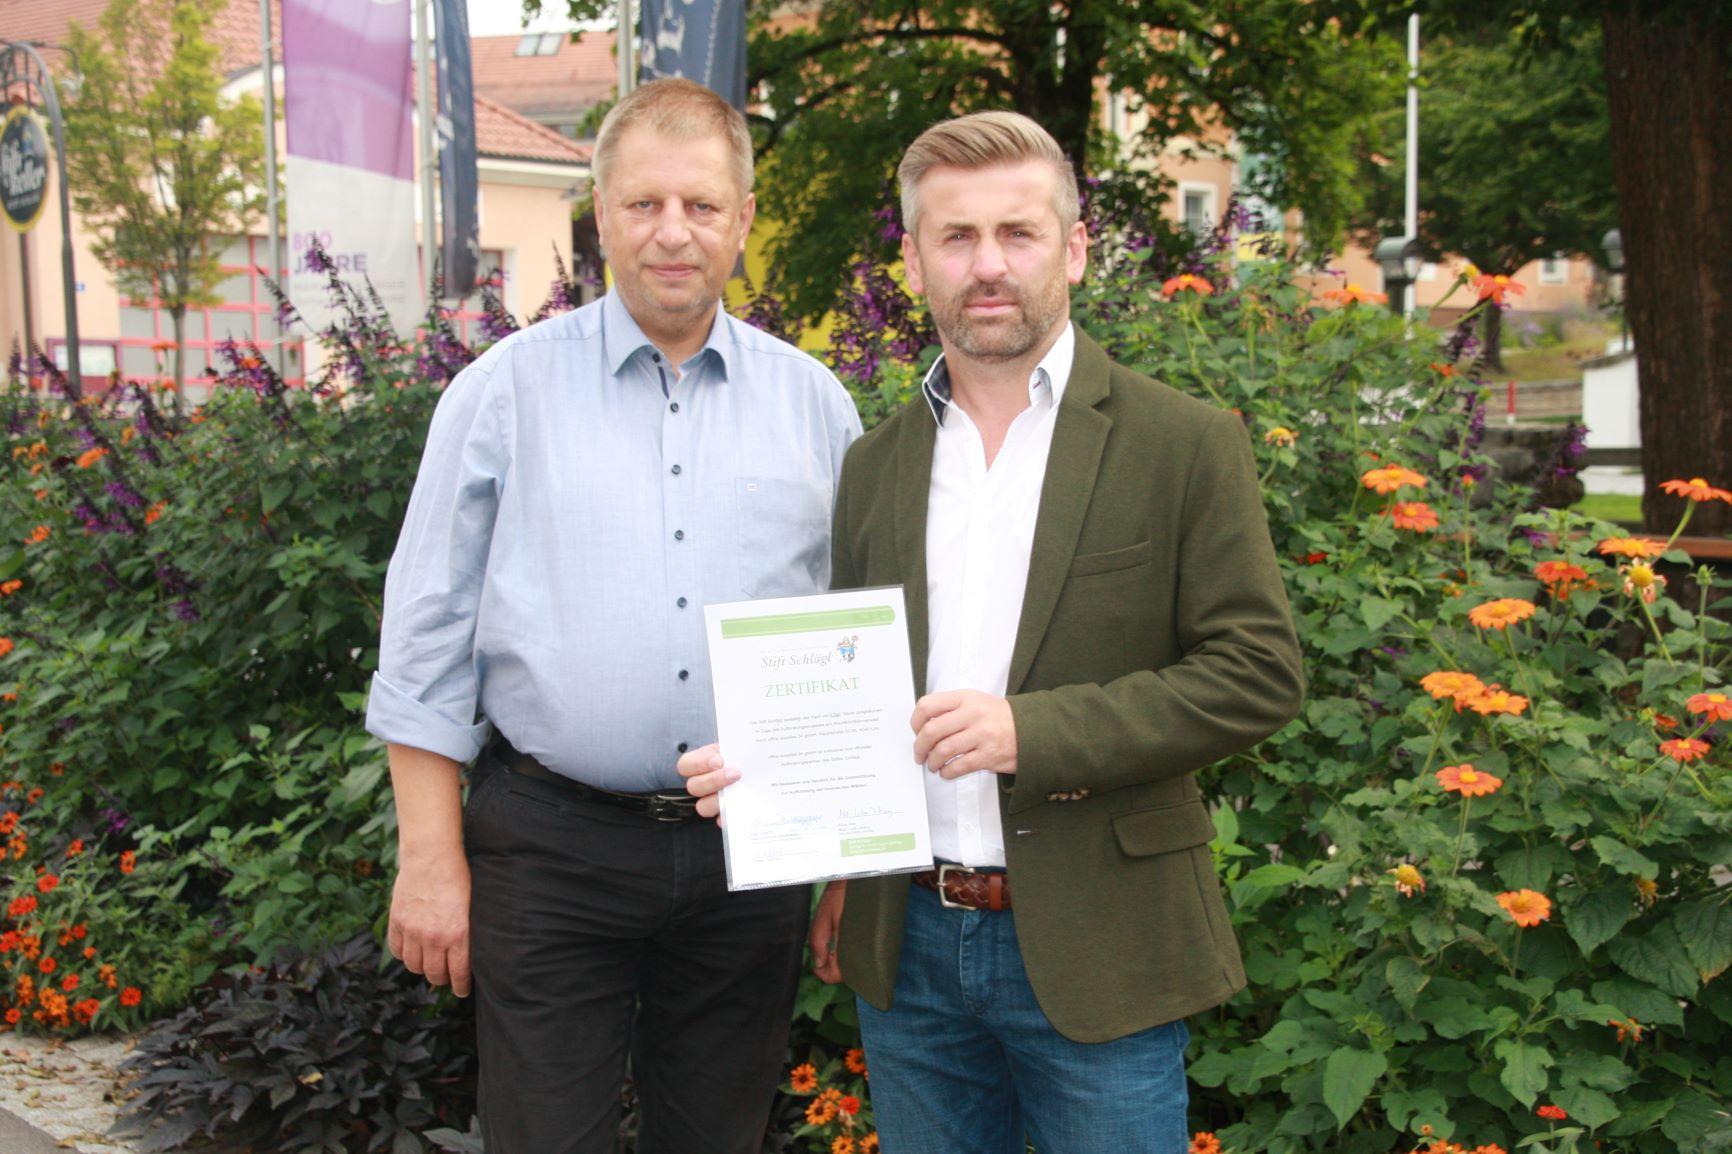 Übergabe Zertifikat für Baumkauf | Böhmerwald, Stift Schlägl